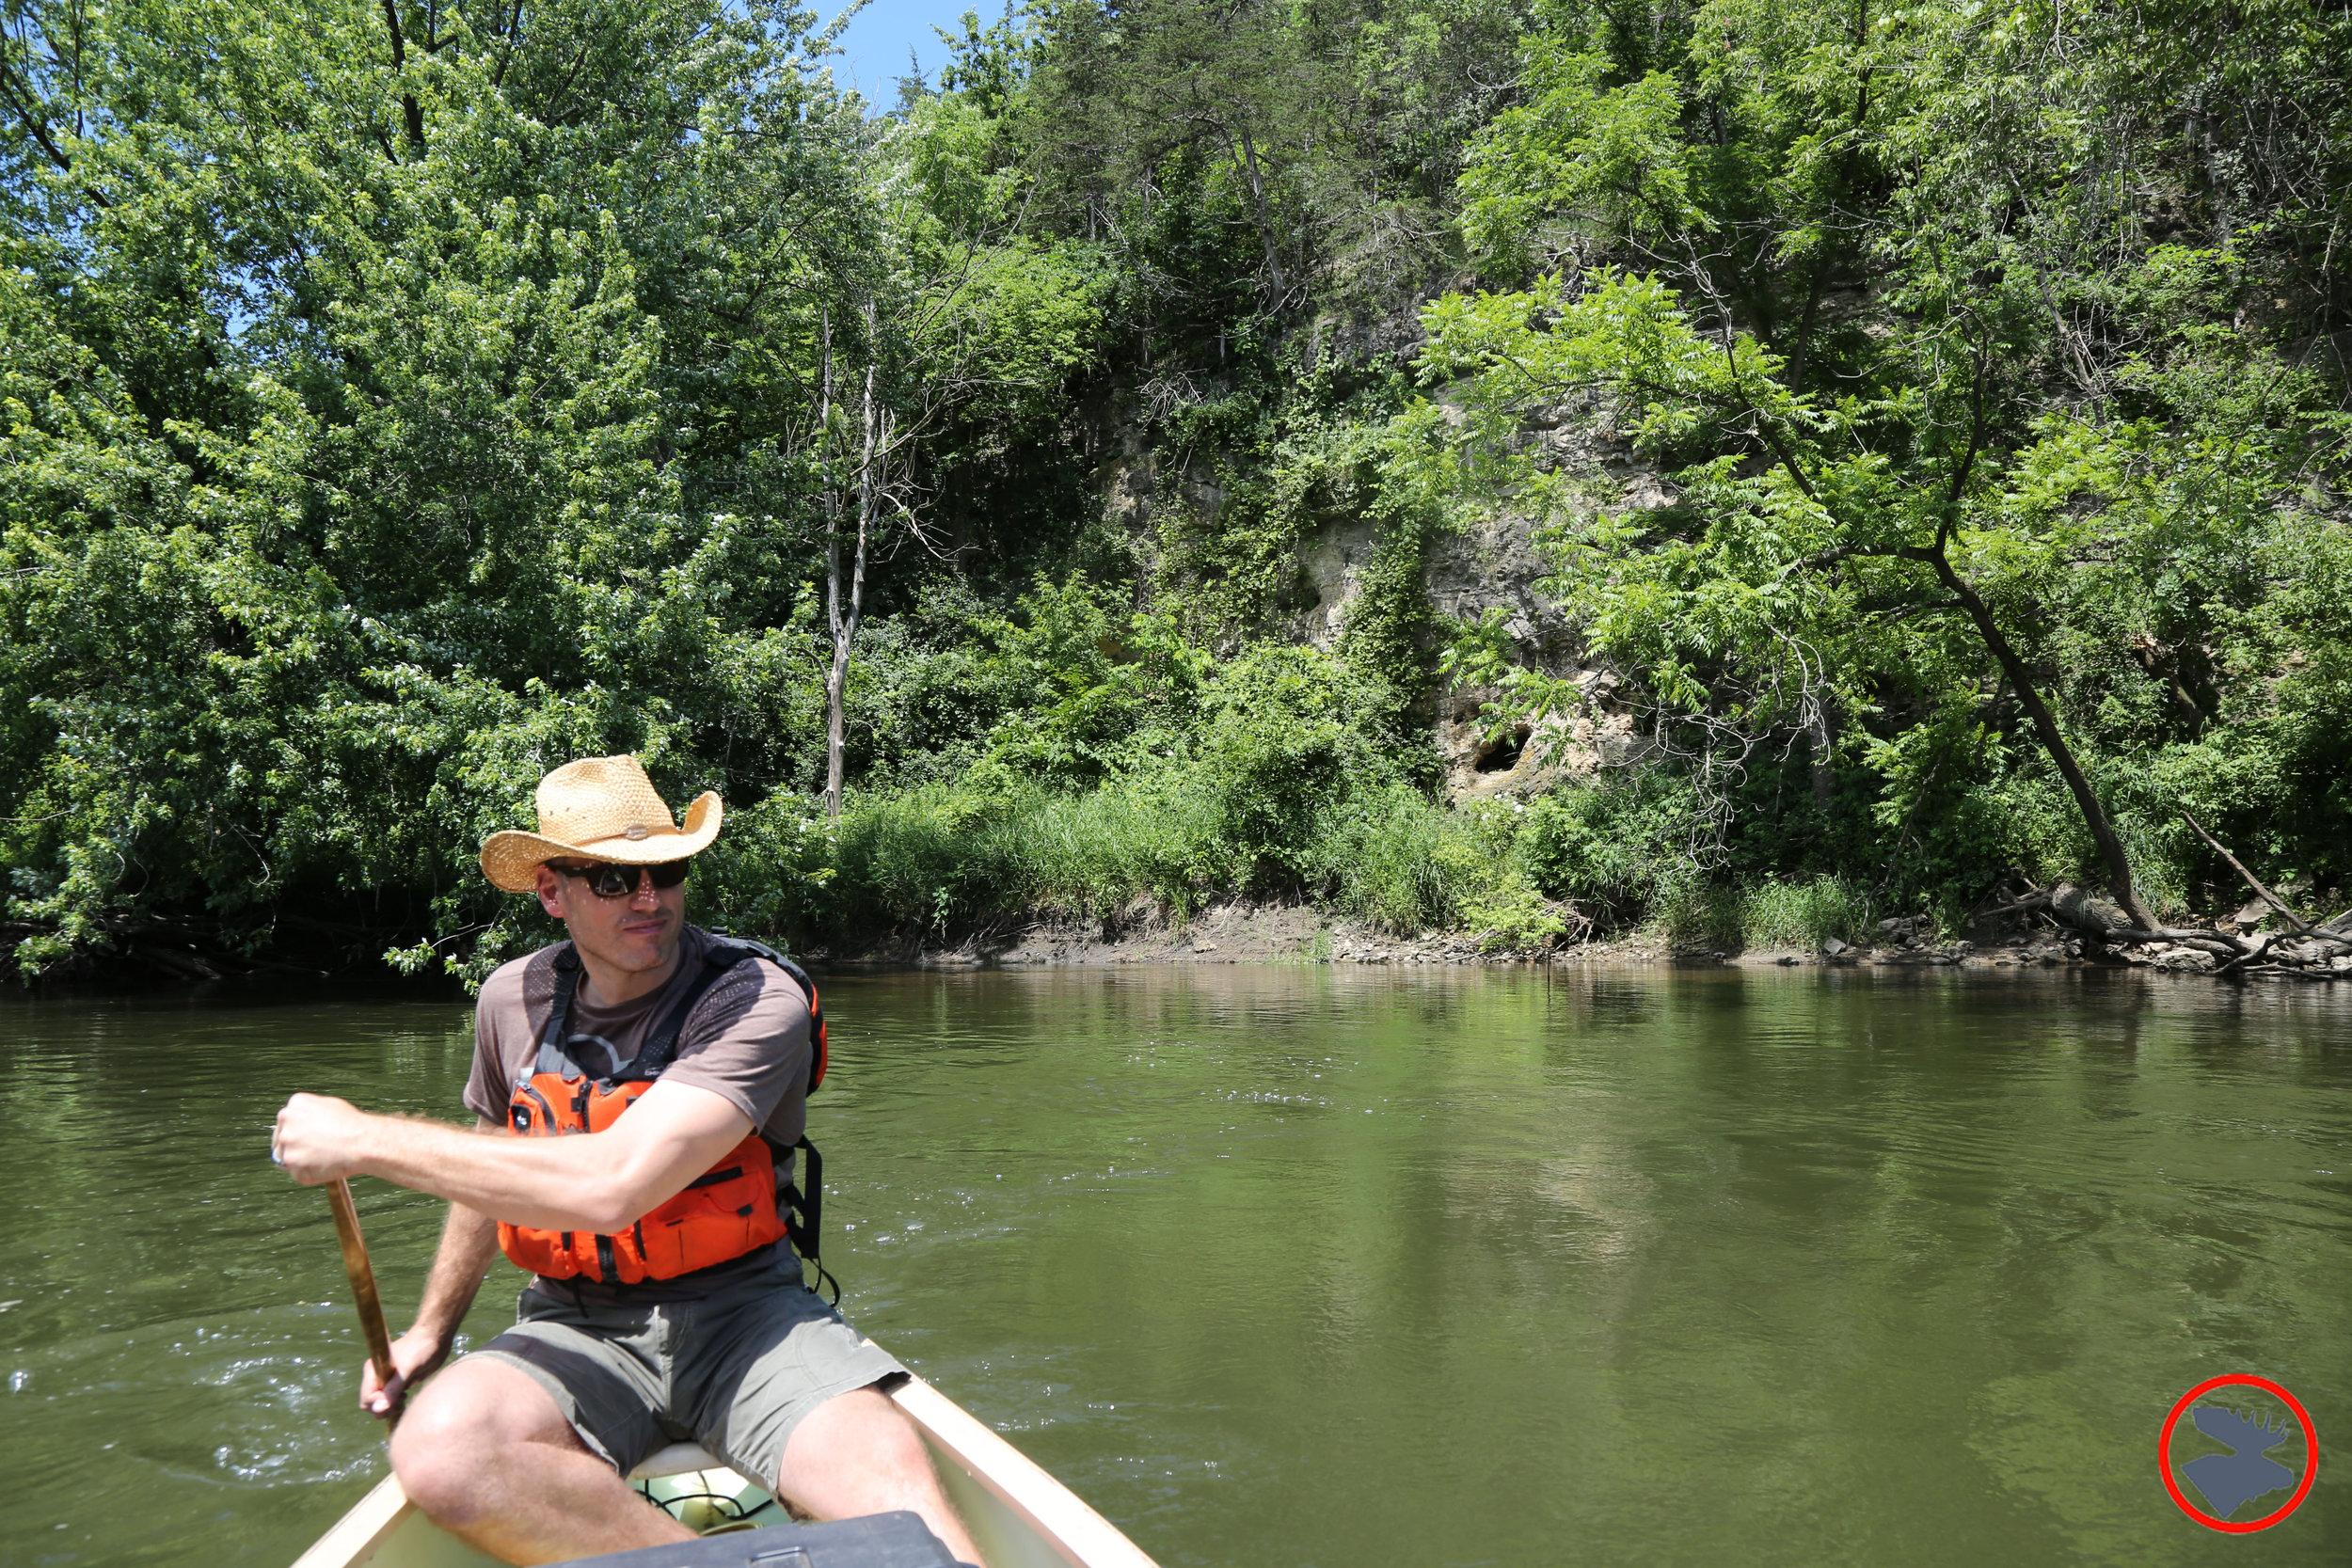 Canon River_Scott Canoeing2.jpg